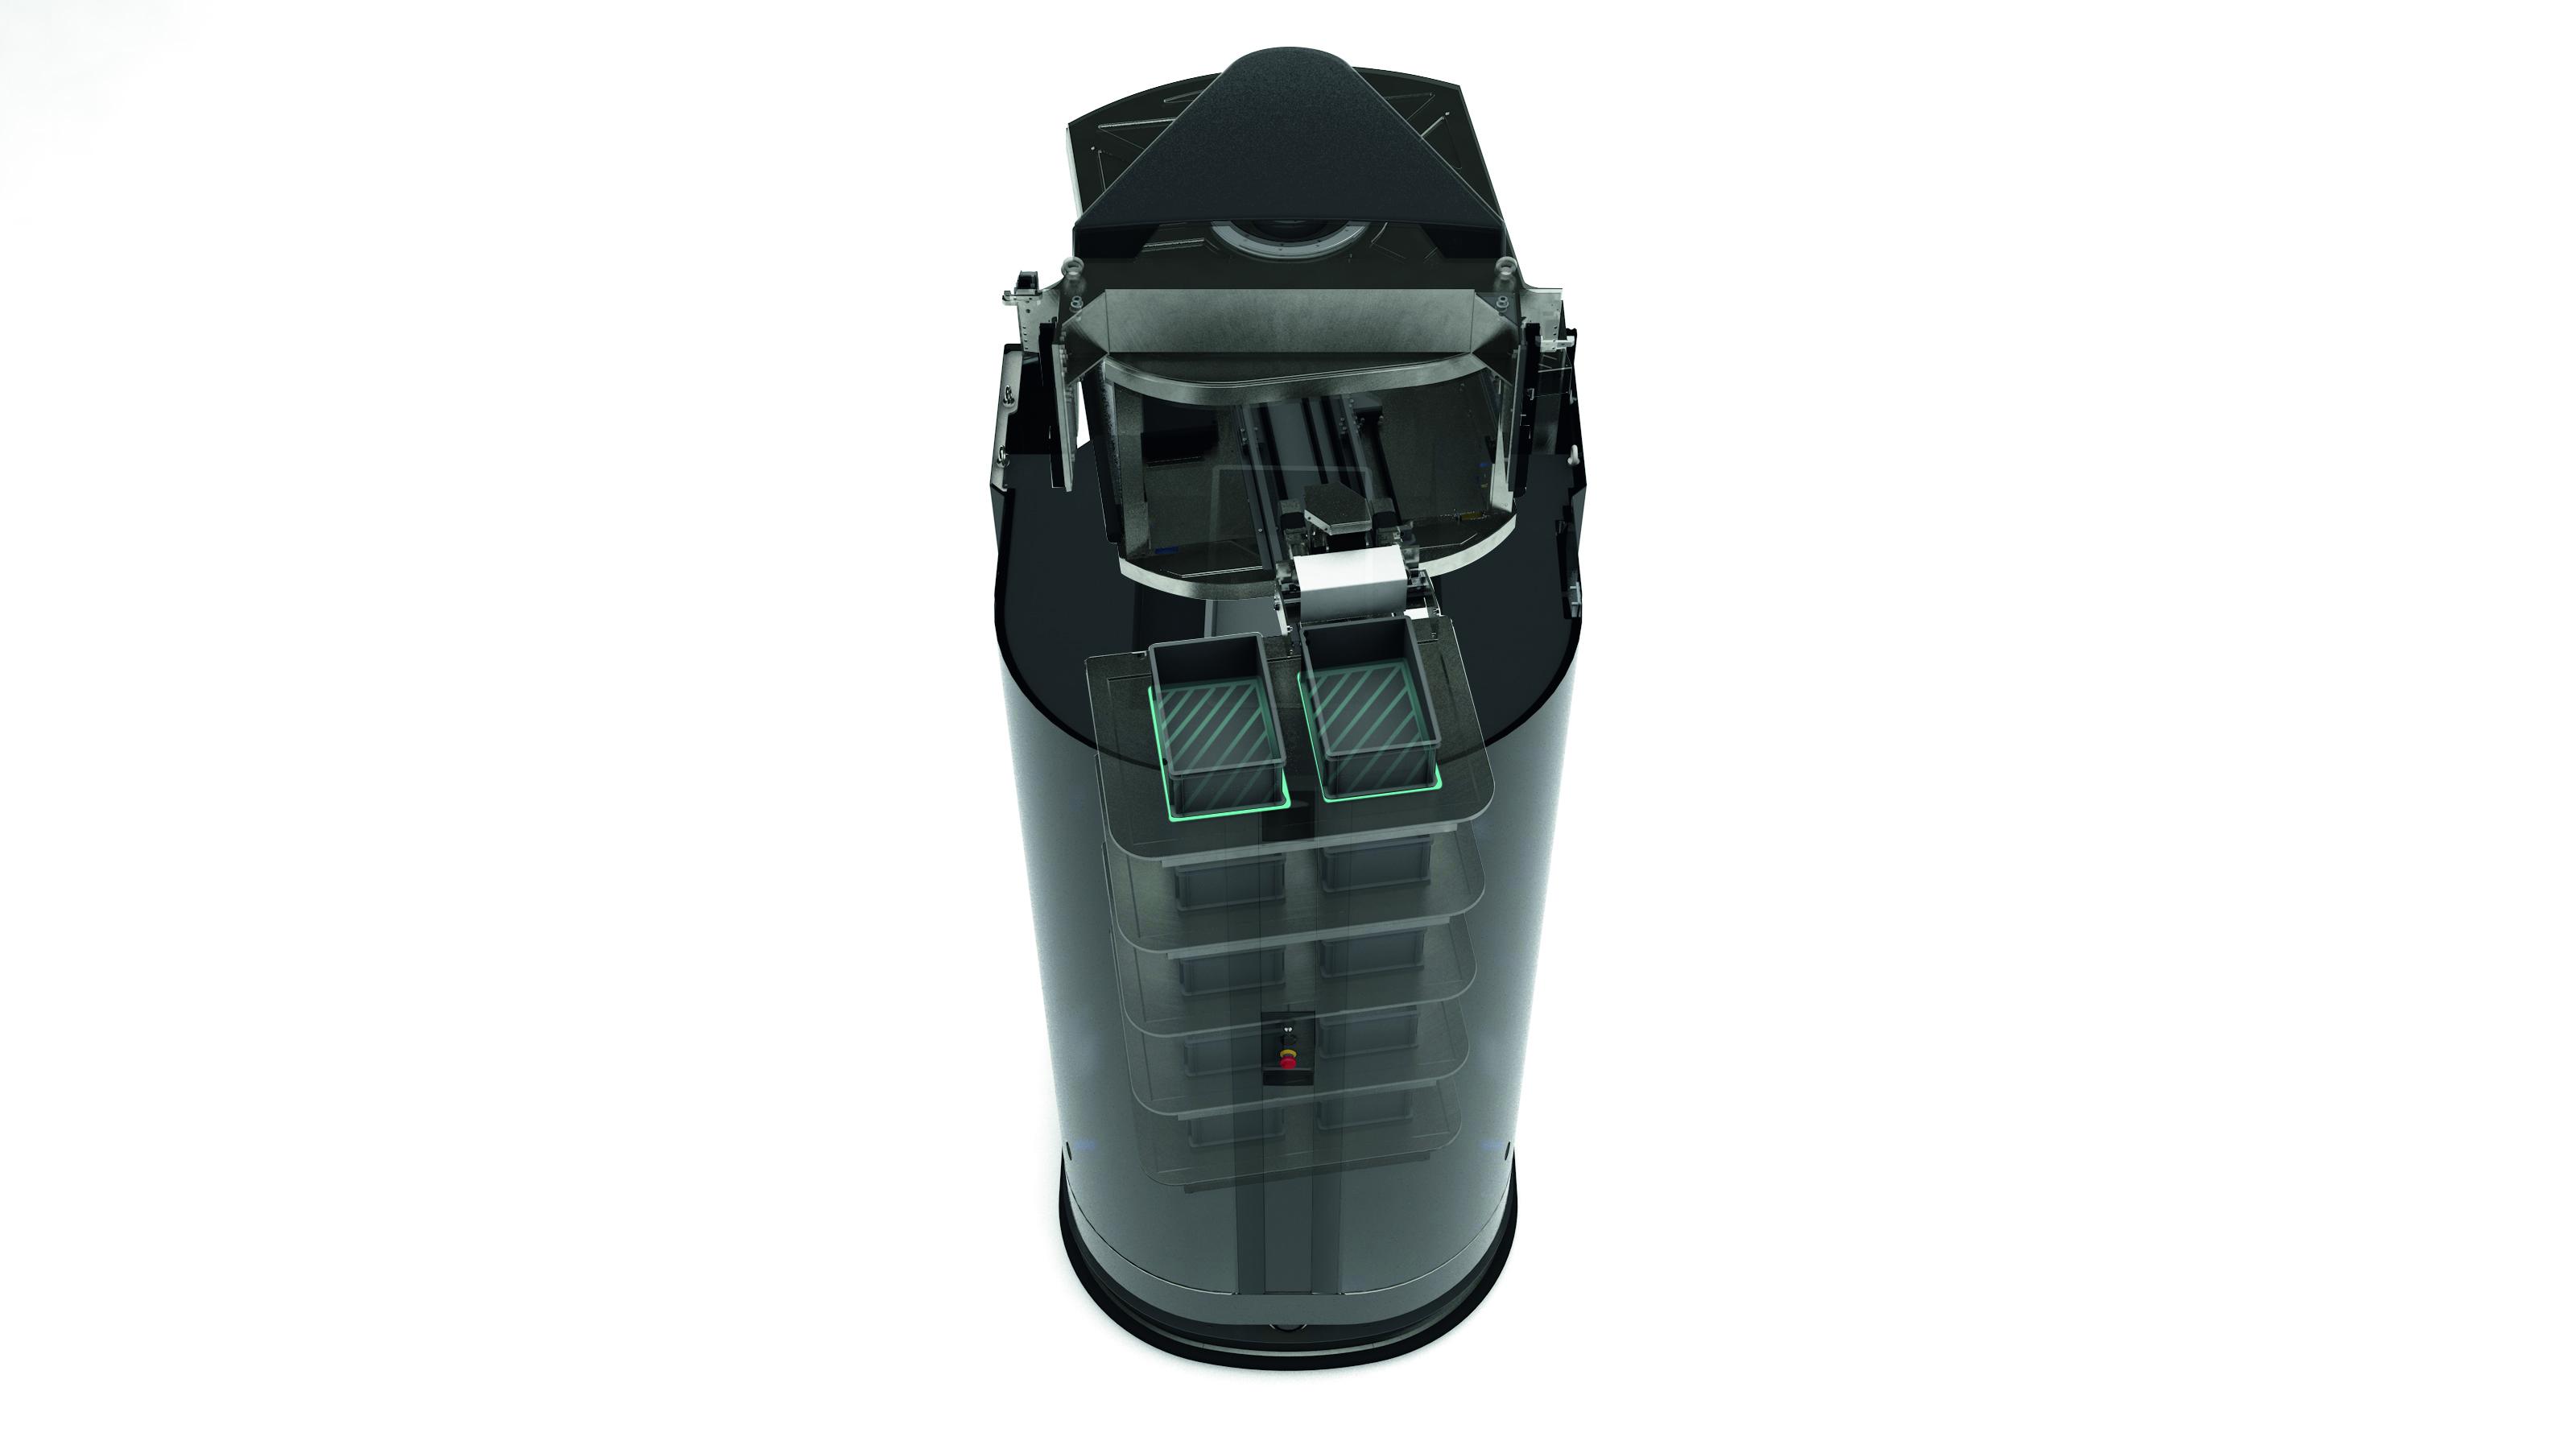 Kleinladungsträger mit einem Gewicht von 15 kg. Bis zu 10 Behälter kann der Roboter in seinem Rucksack-Regal zwischenlagern.